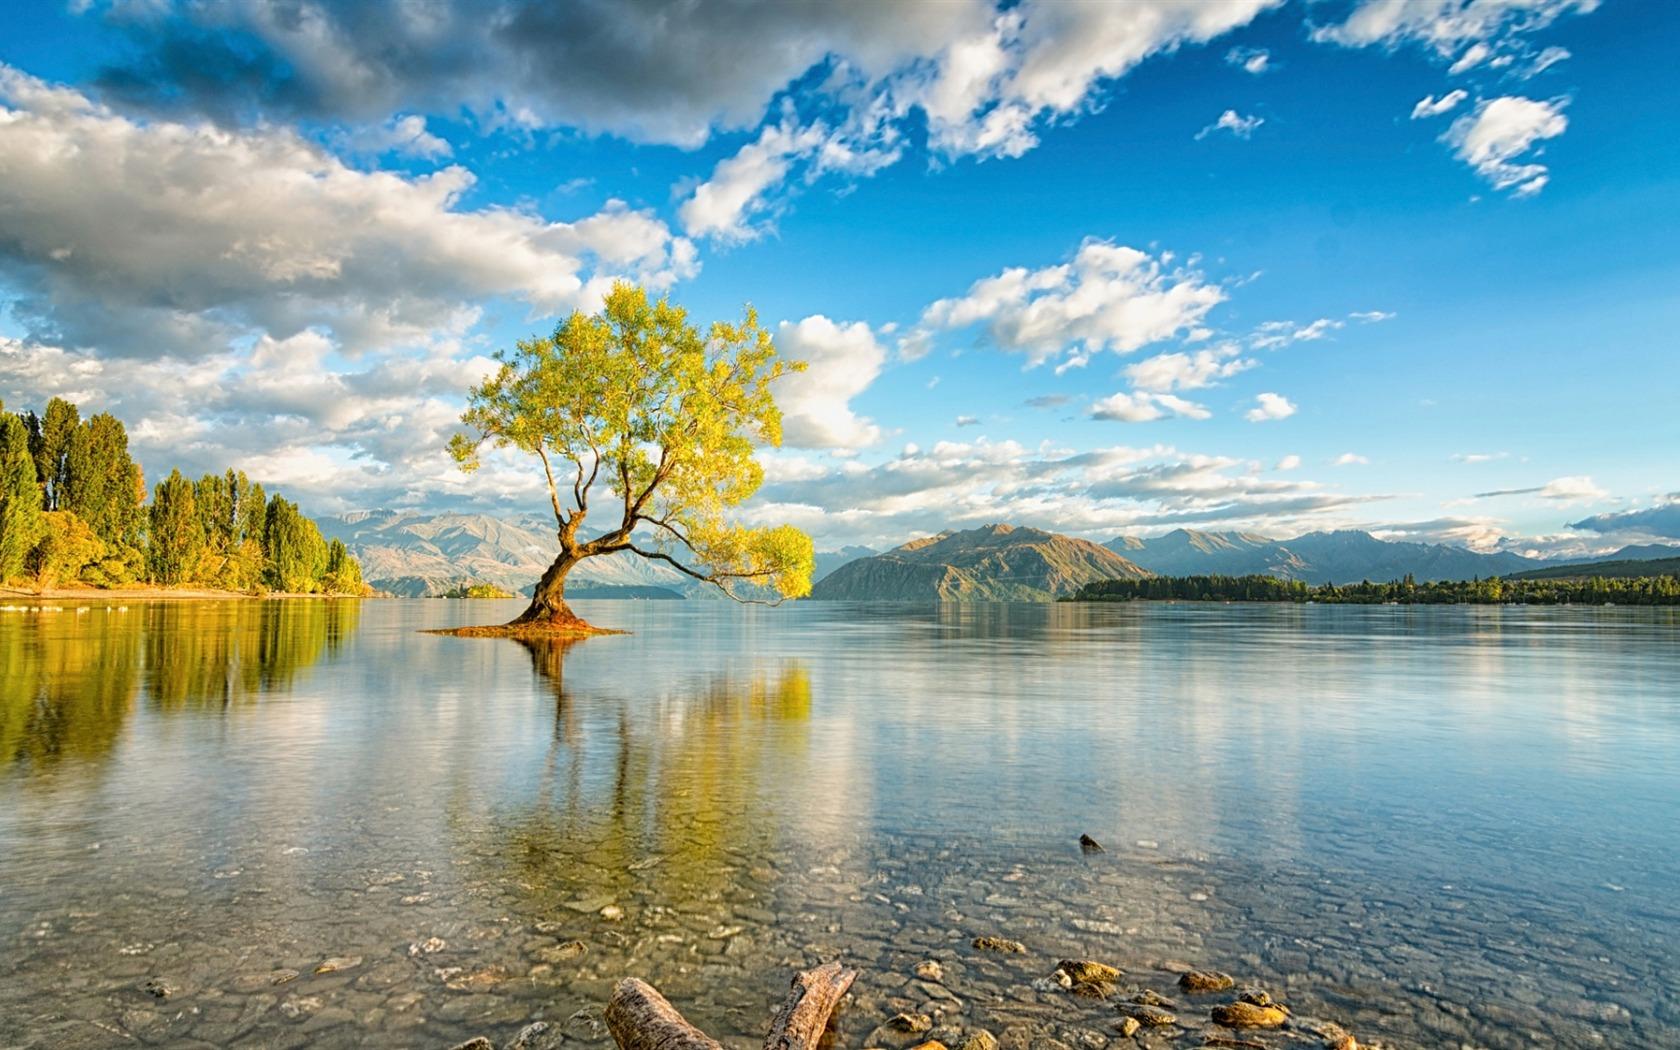 ニュージーランドの島の湖ワナカ-自然のHDの壁紙プレビュー | 10wallpaper.com